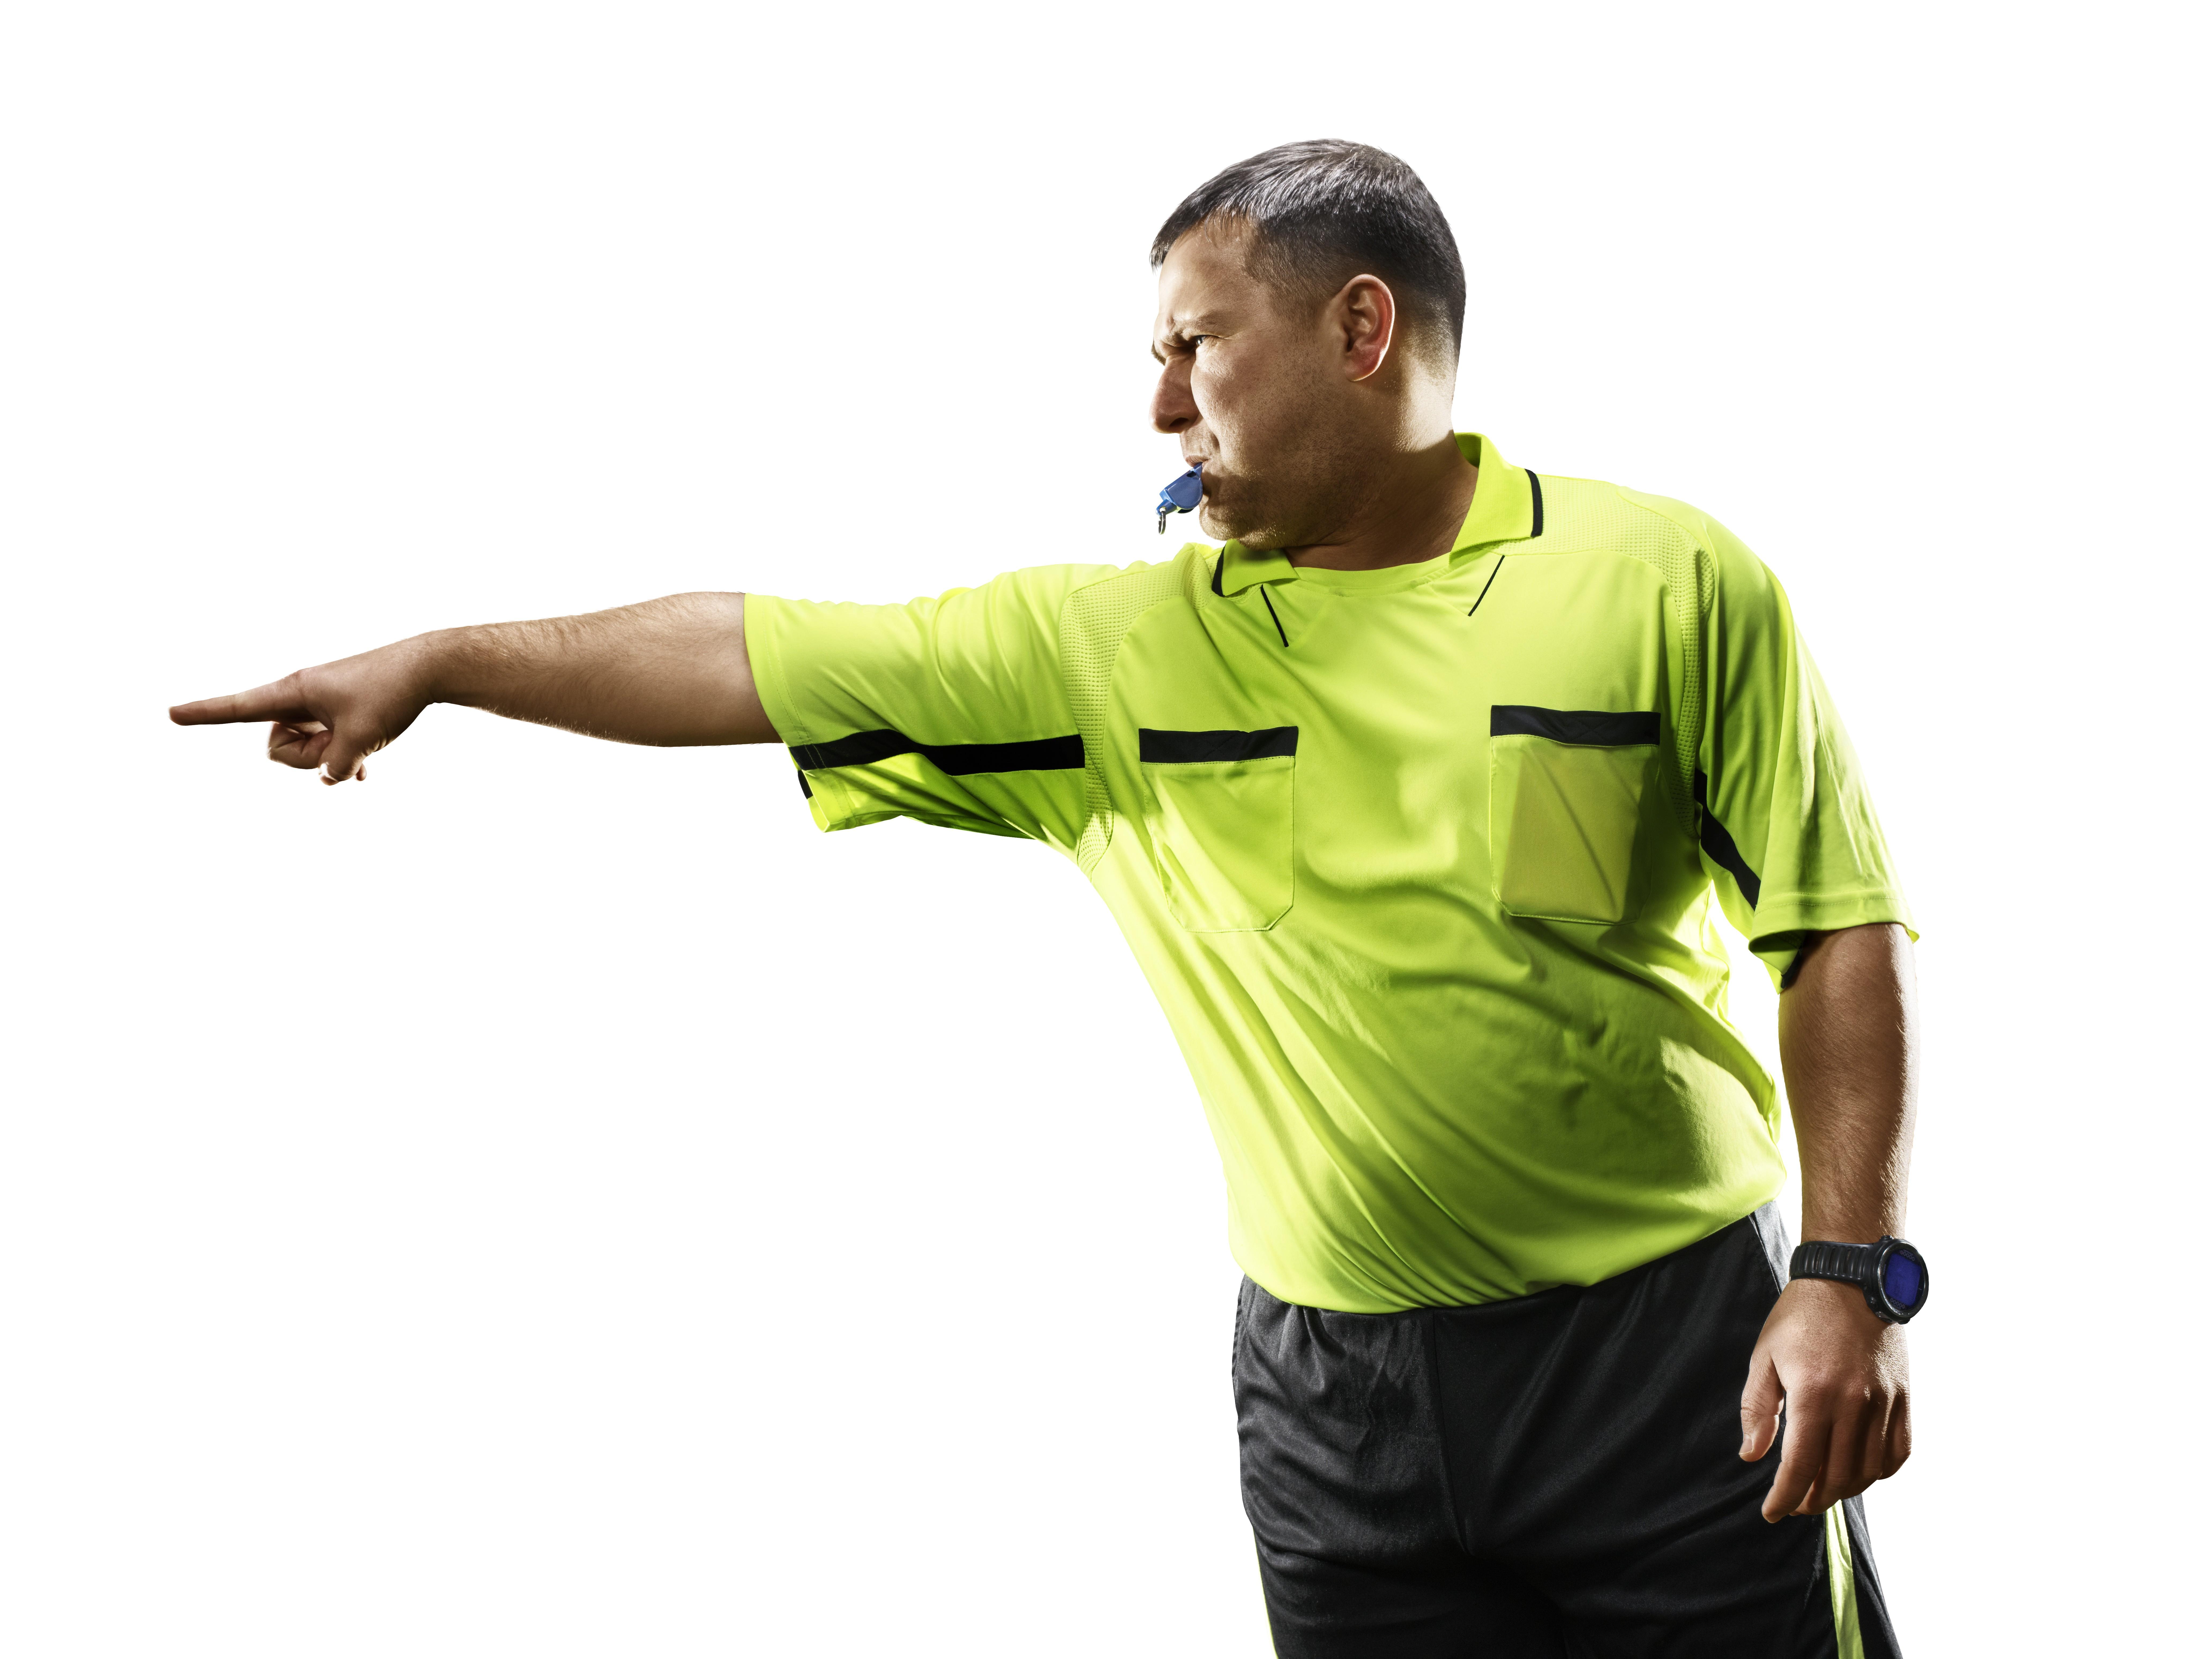 Quels sont les différents modèles de sifflet pour un arbitre de foot ?